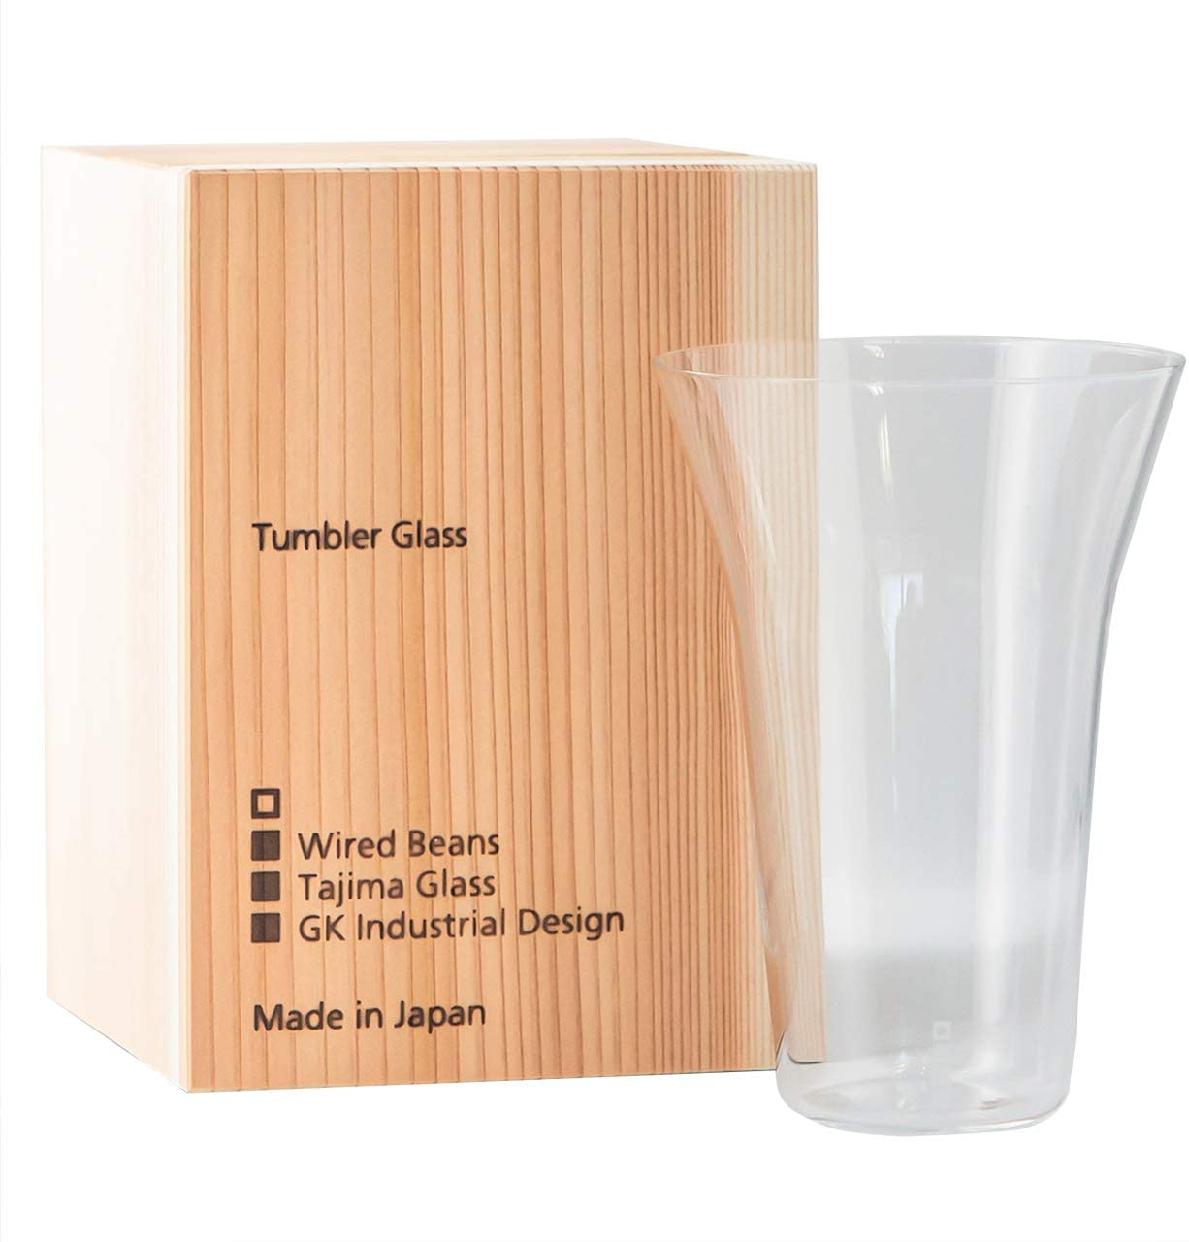 生涯を添い遂げるグラス(しょうがいをそいとげるグラス)タンブラー240 うす吹き トランスペアレント(透明)国産杉箱入りの商品画像